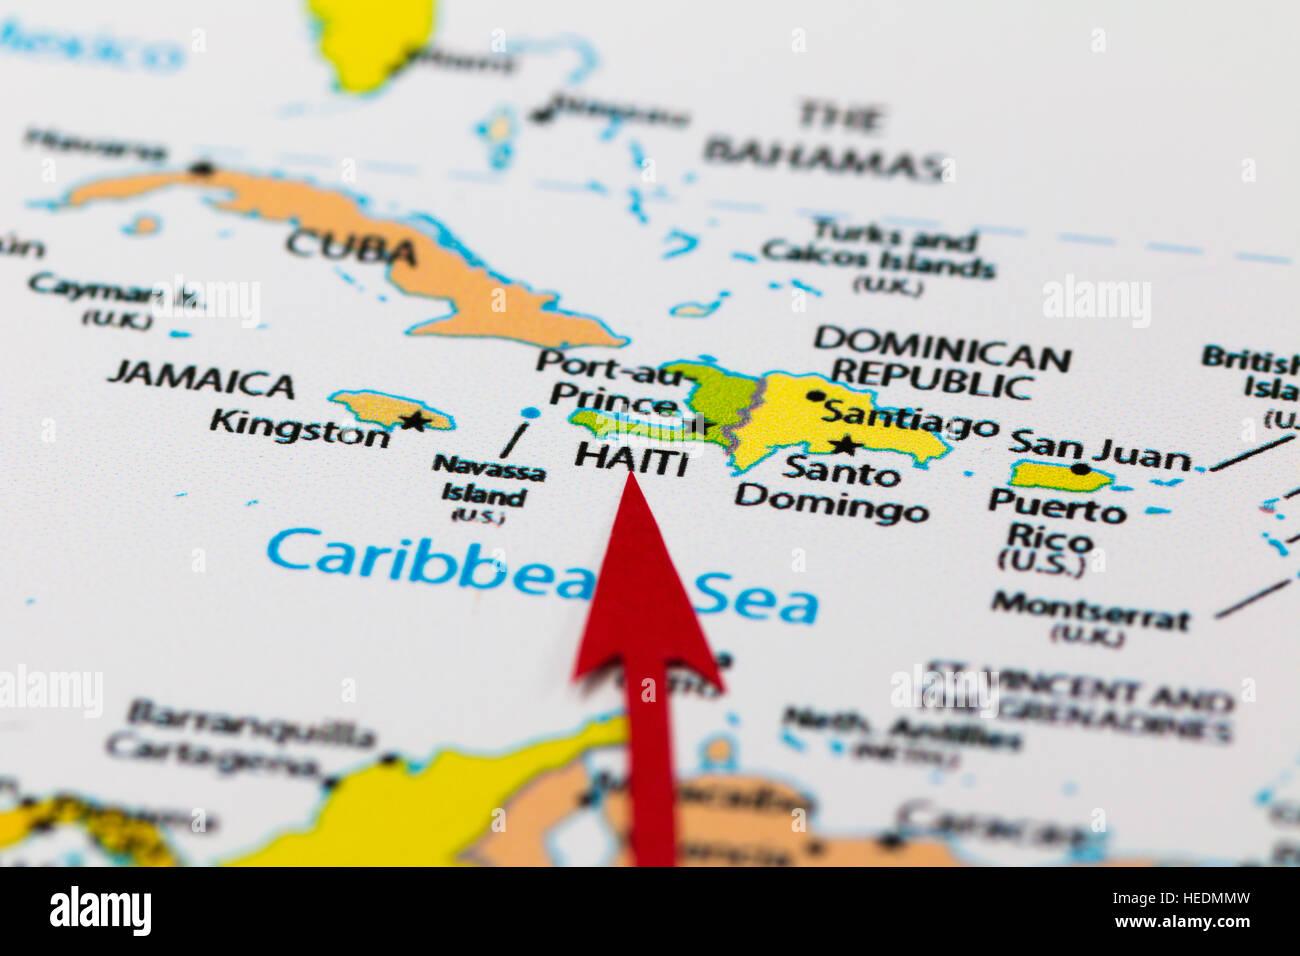 Flèche rouge pointant Haïti sur la carte du continent nord-américain et des Caraïbes Banque D'Images